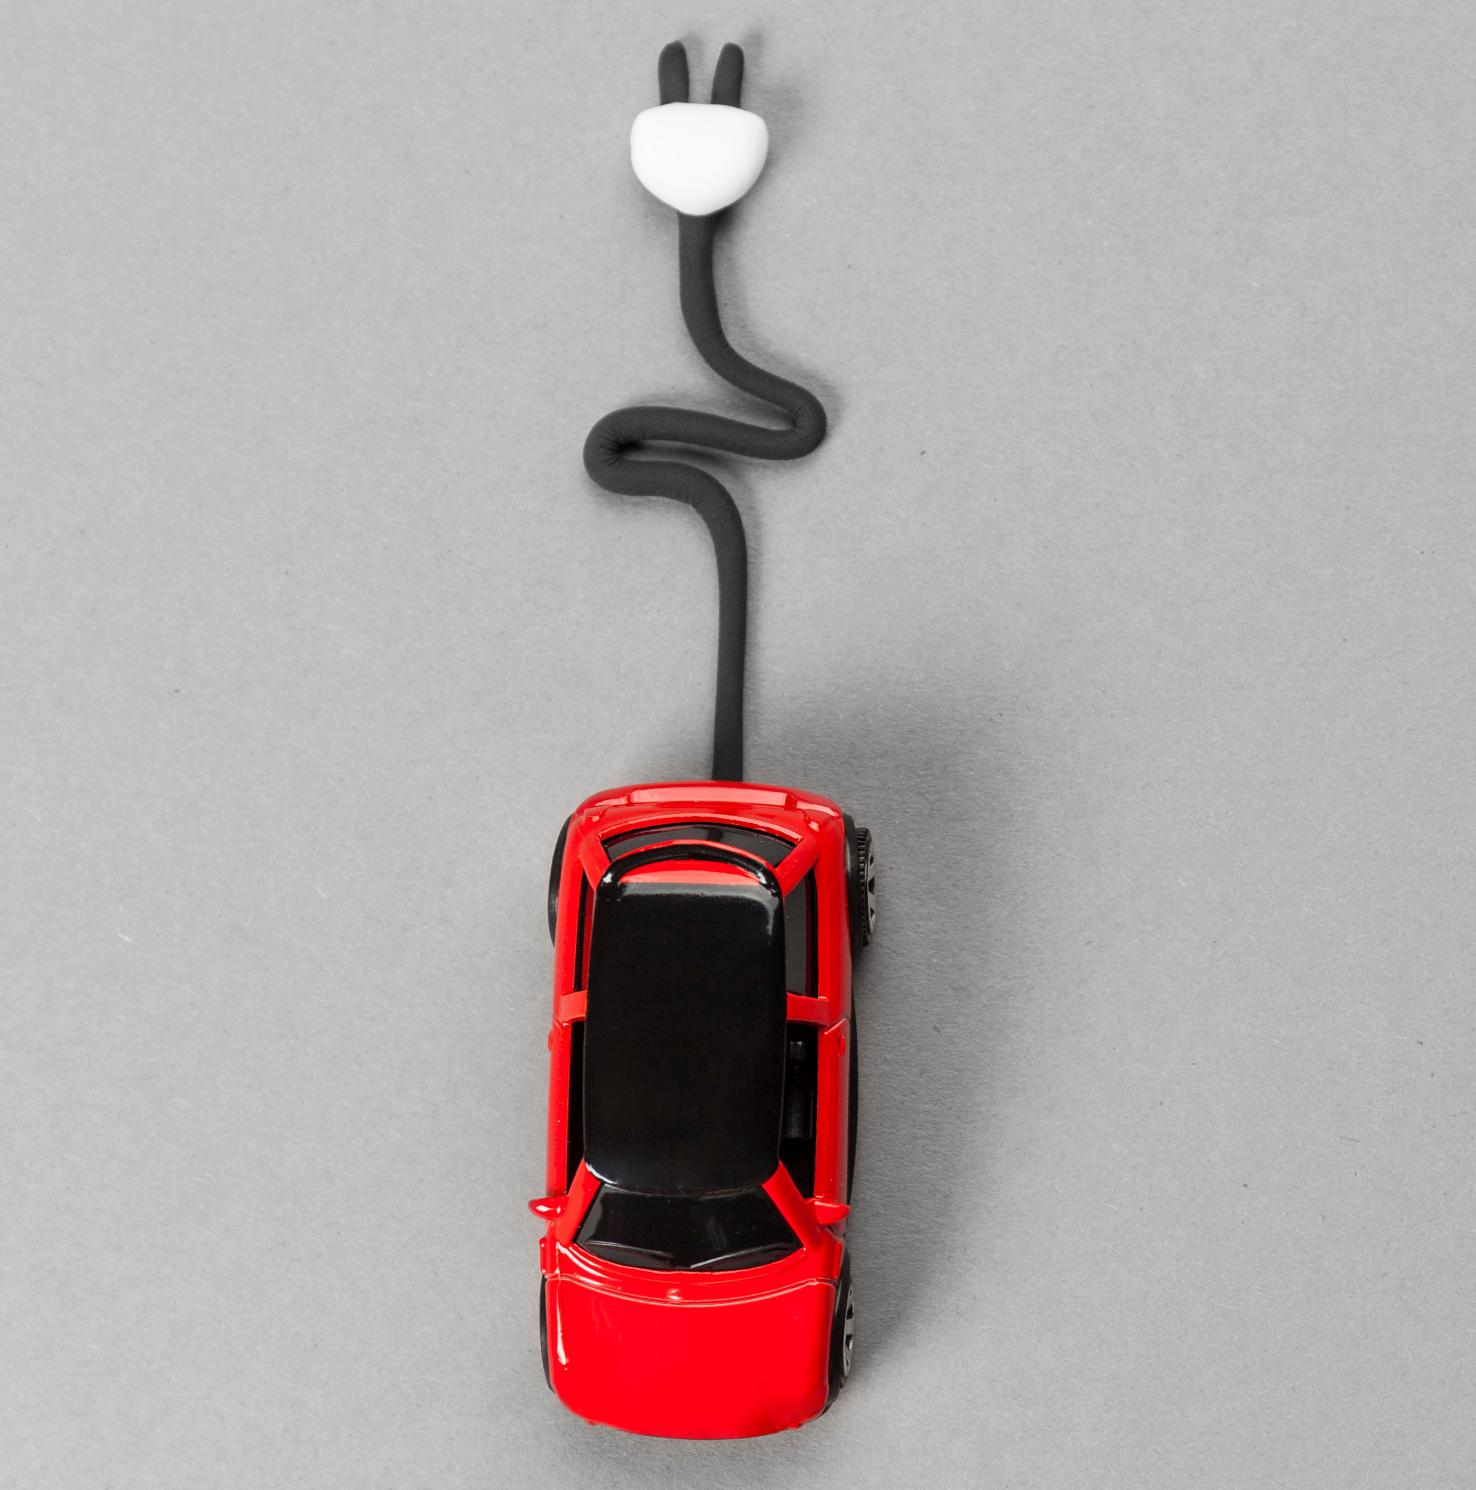 Erhöhung der Kaufprämie für E-Autos im Rahmen der Innovationsprämie – bringt es den Durchbruch für die E-Mobilität? image